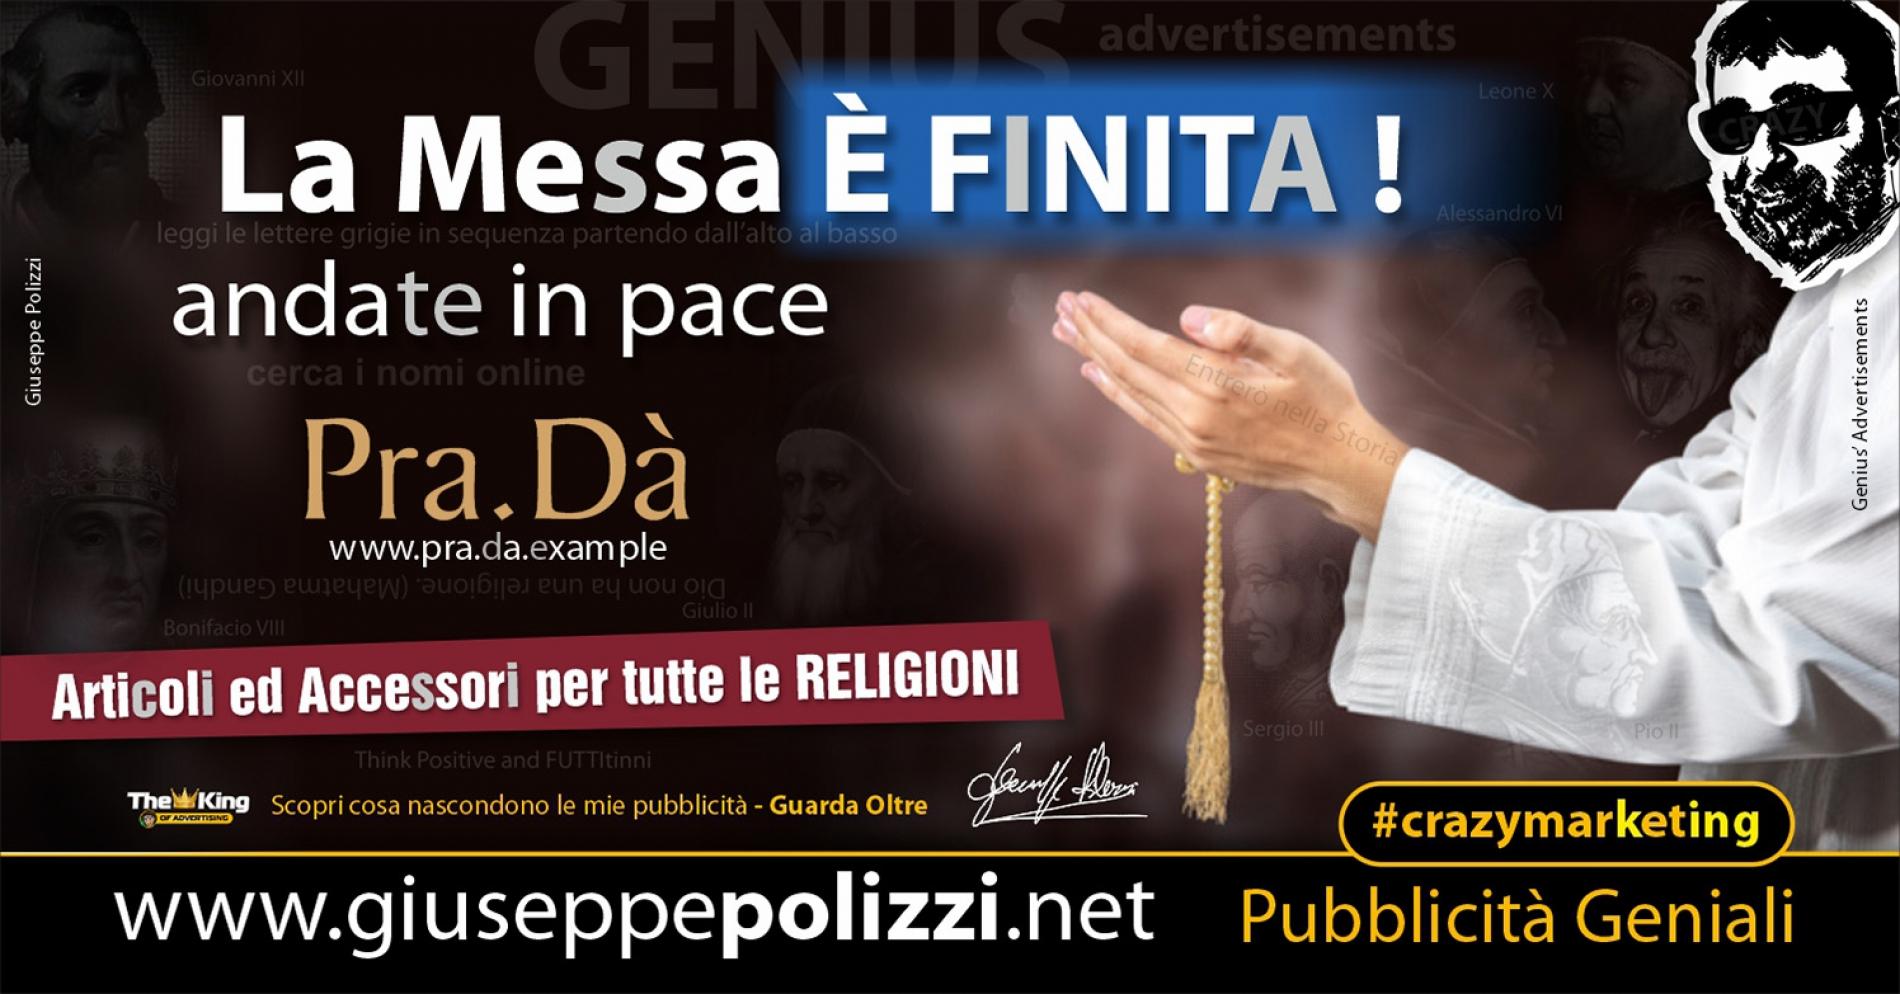 Giuseppe Polizzi crazymarketing La messa è FINITA pubblicità geniali